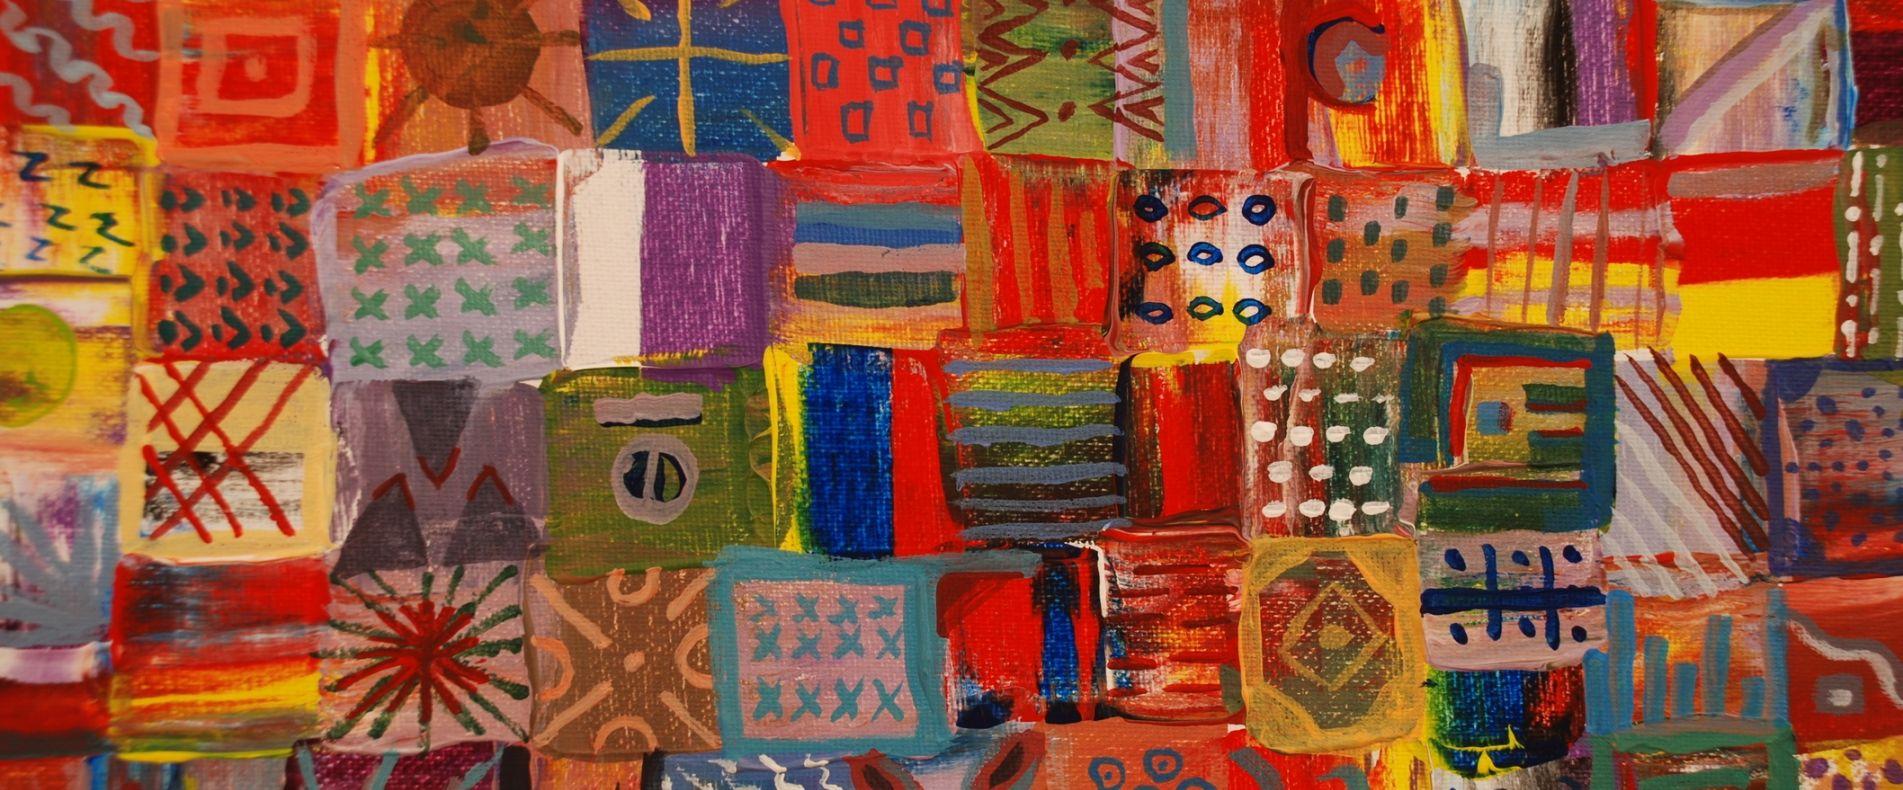 Quilt Image - 021012 1